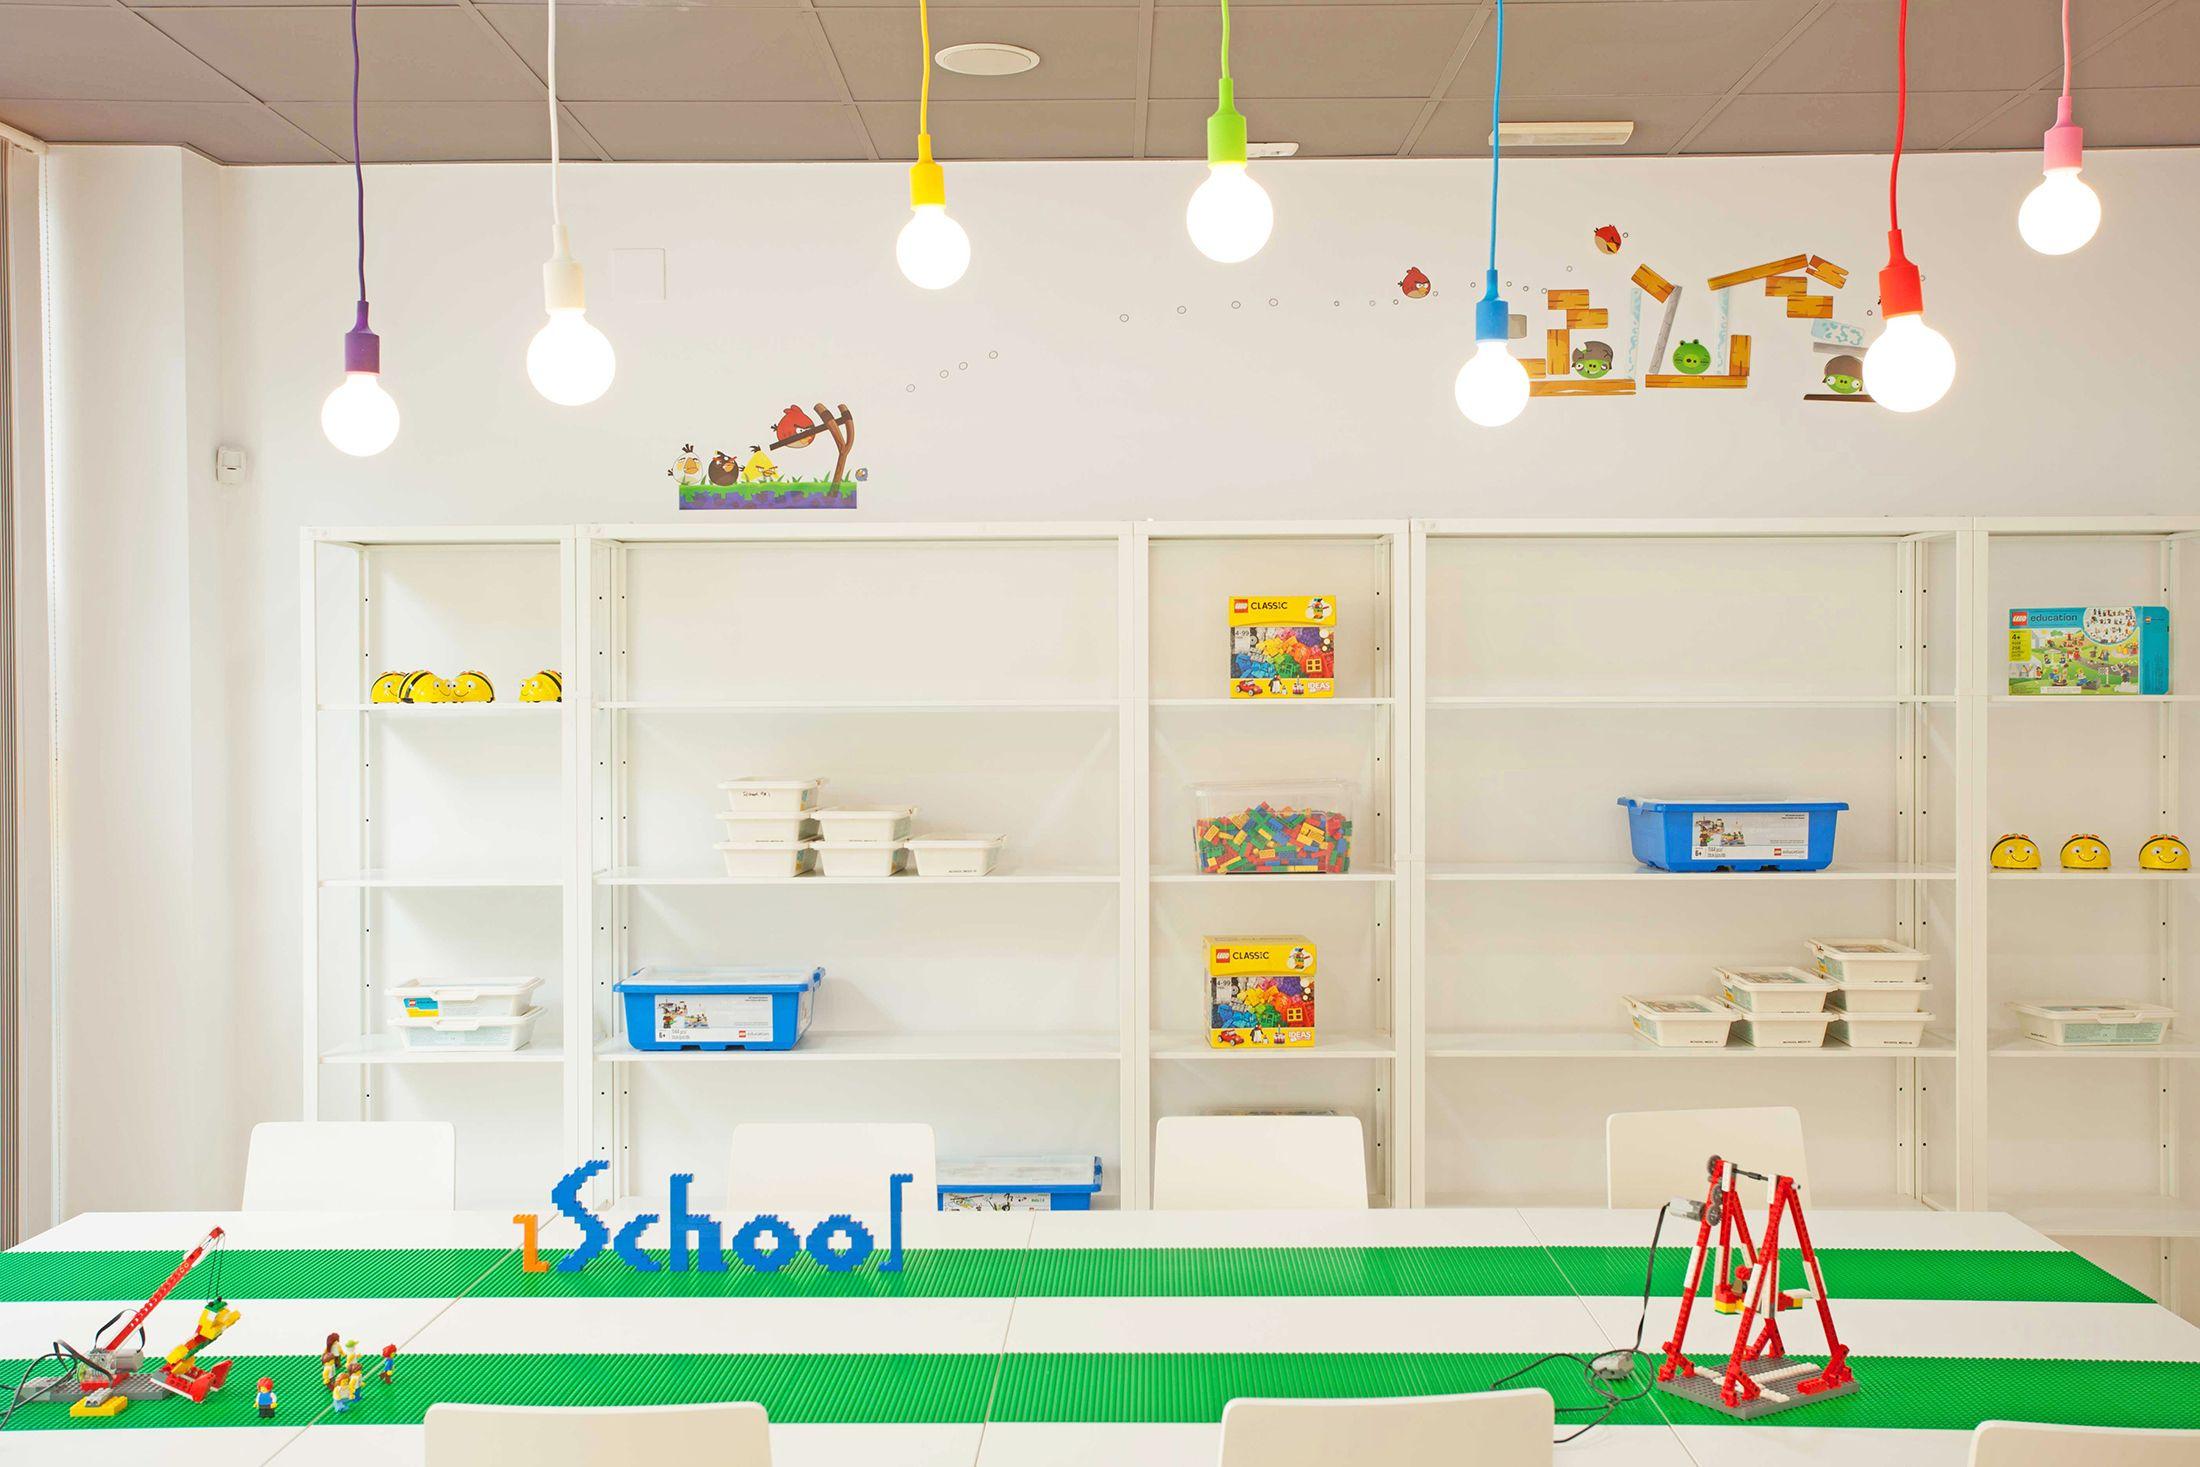 Diseño integral interiorismo reforma escuela robótica programación para niños | Perspectiva Moma